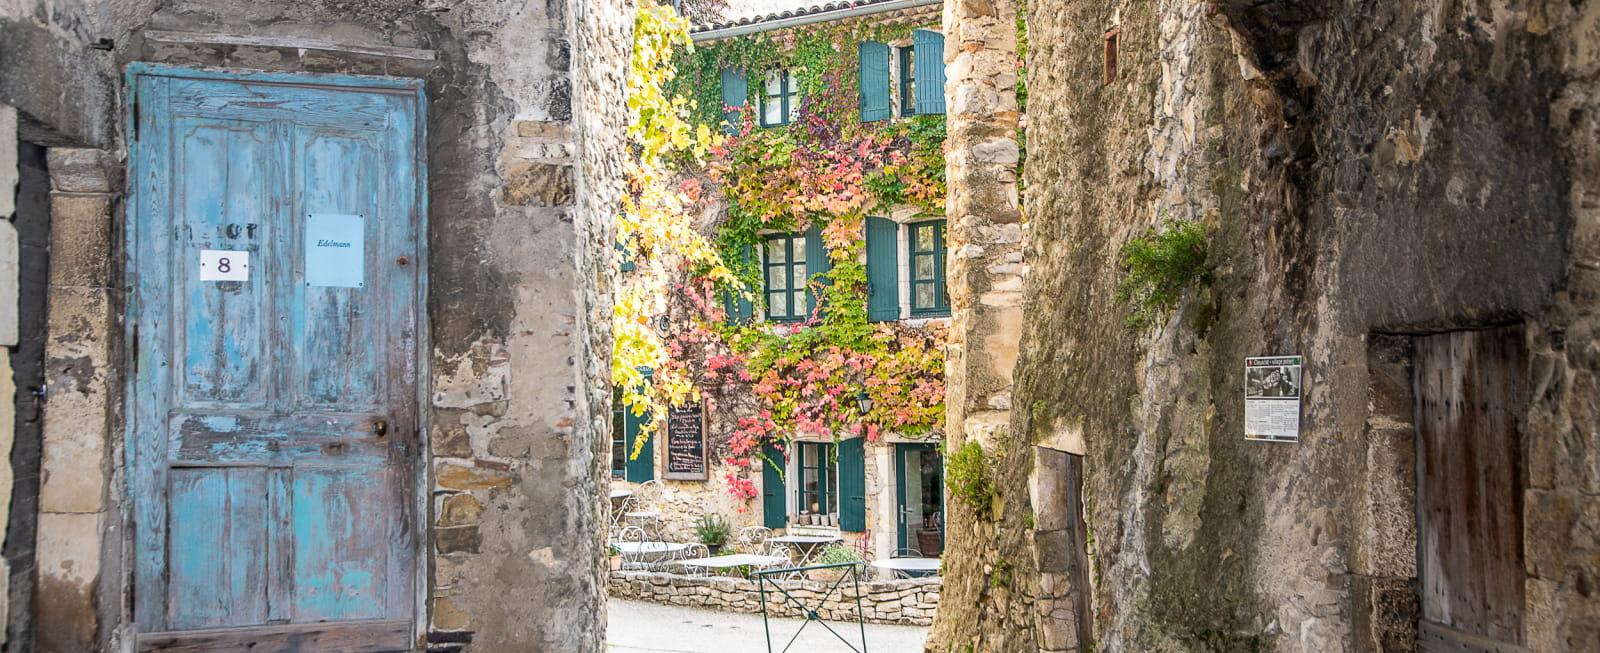 Ruelle et porche du village de Cliousclat dans la Drôme